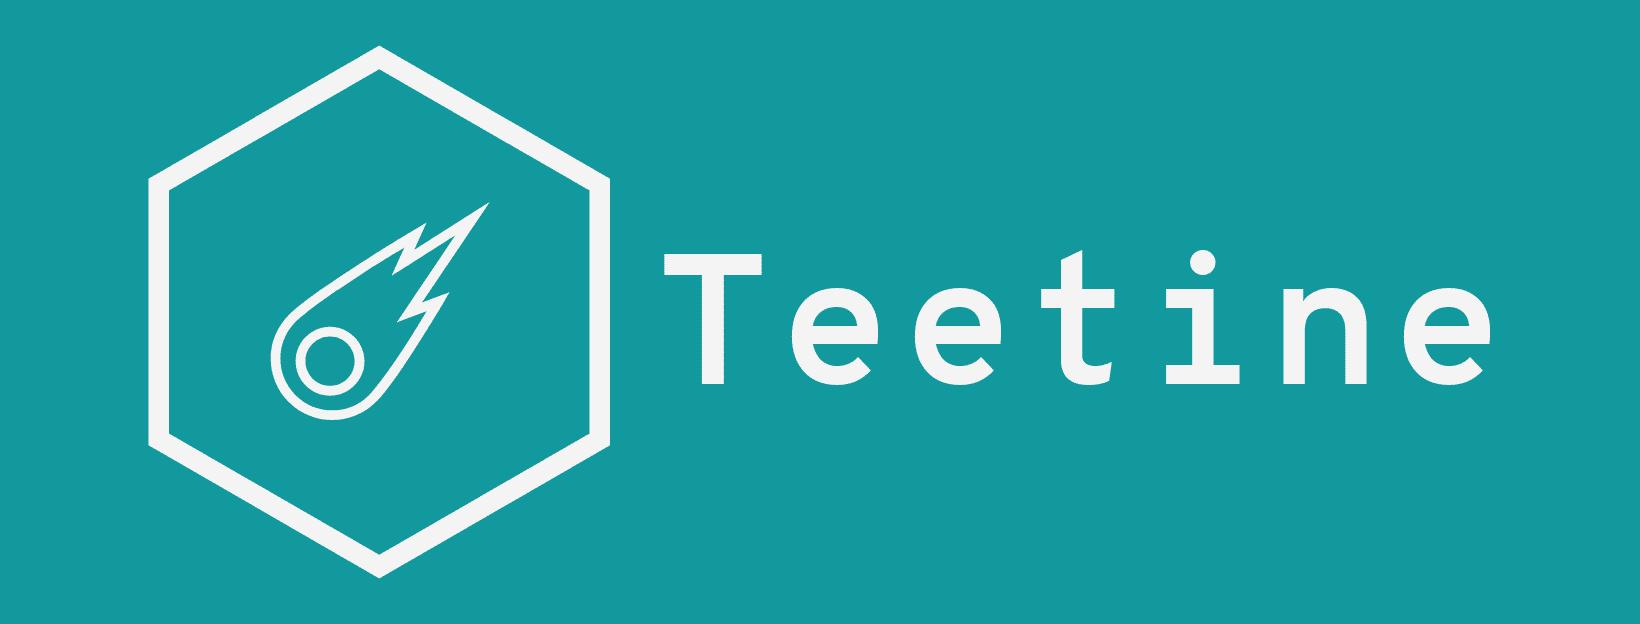 Teetine